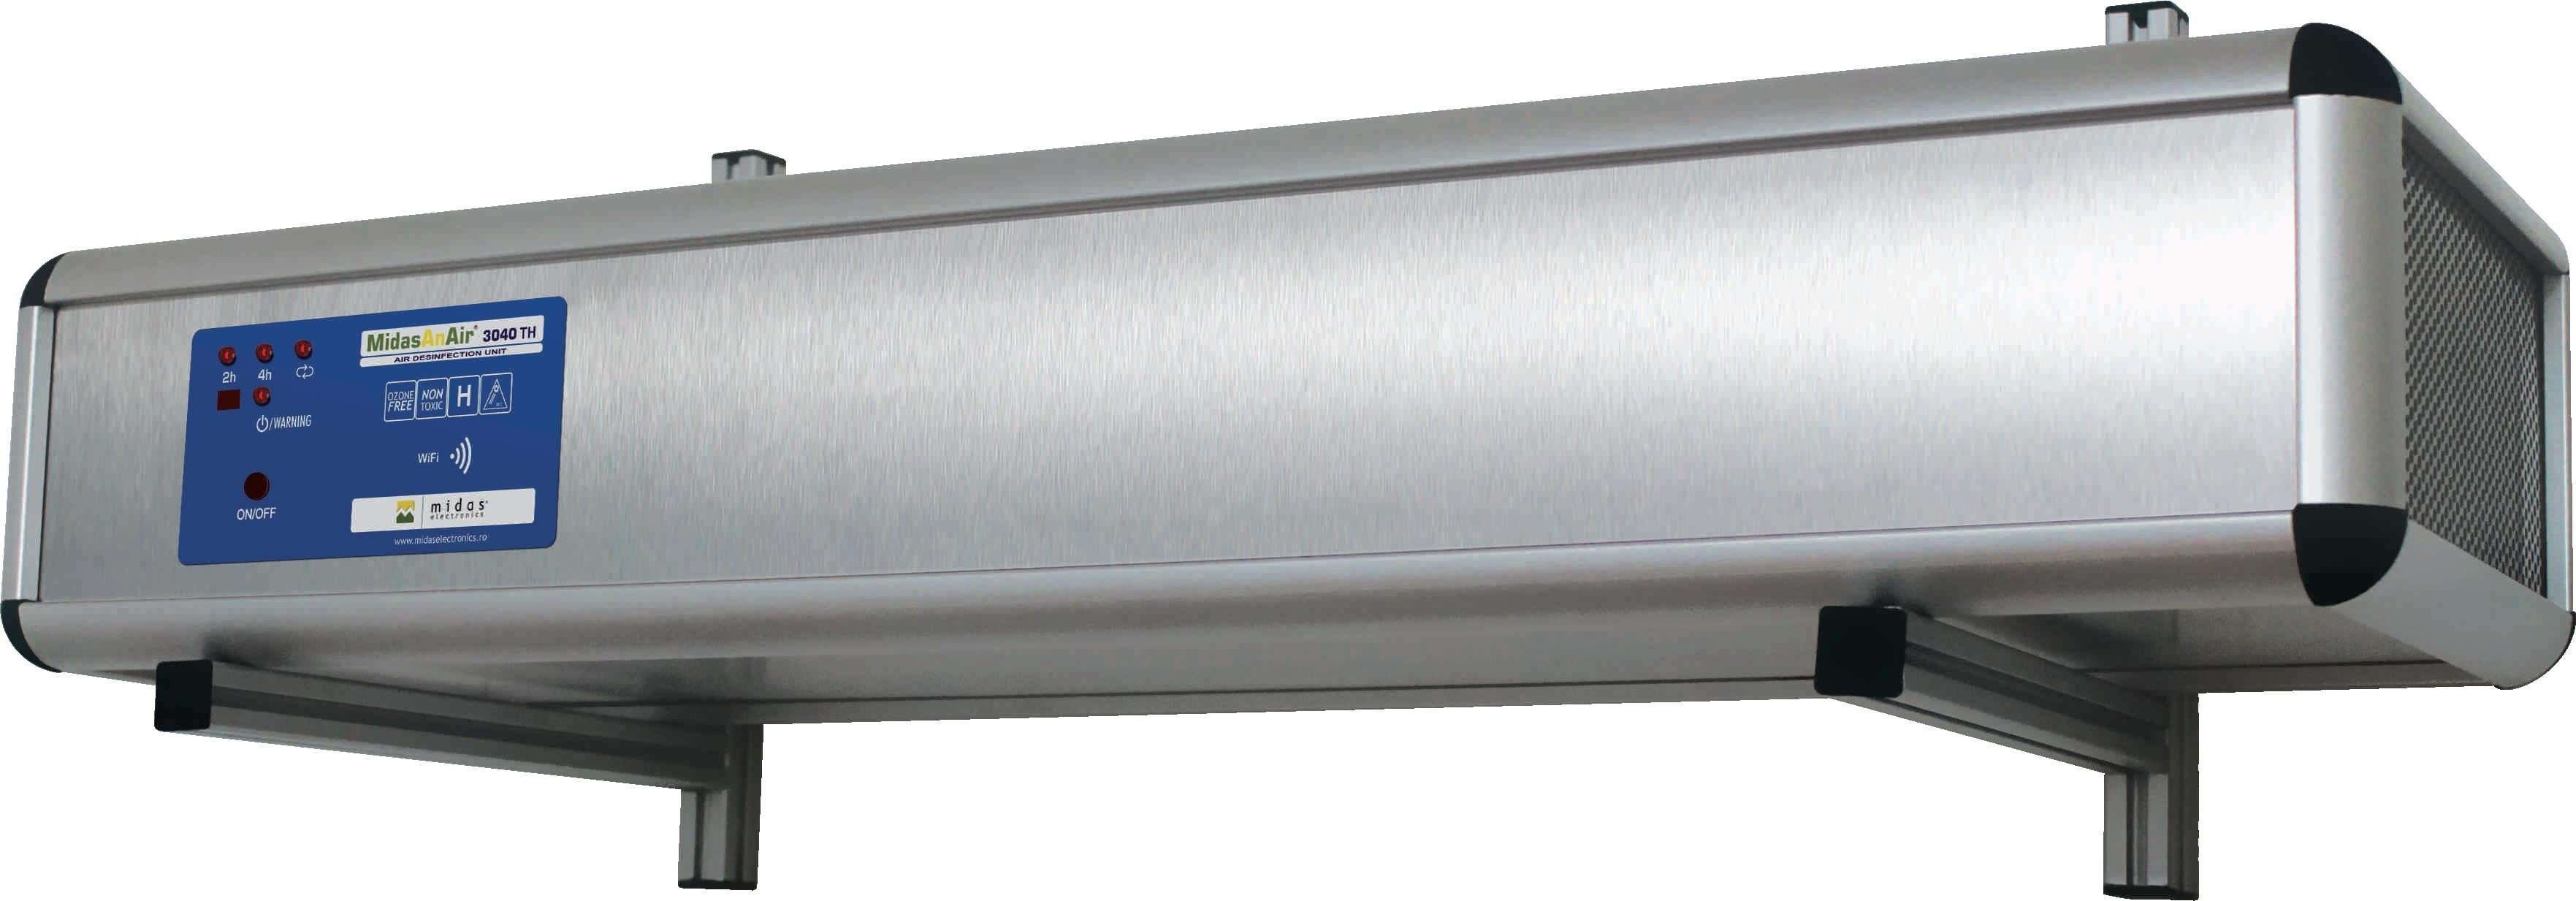 Dispozitiv dezinfectie aer 3040T